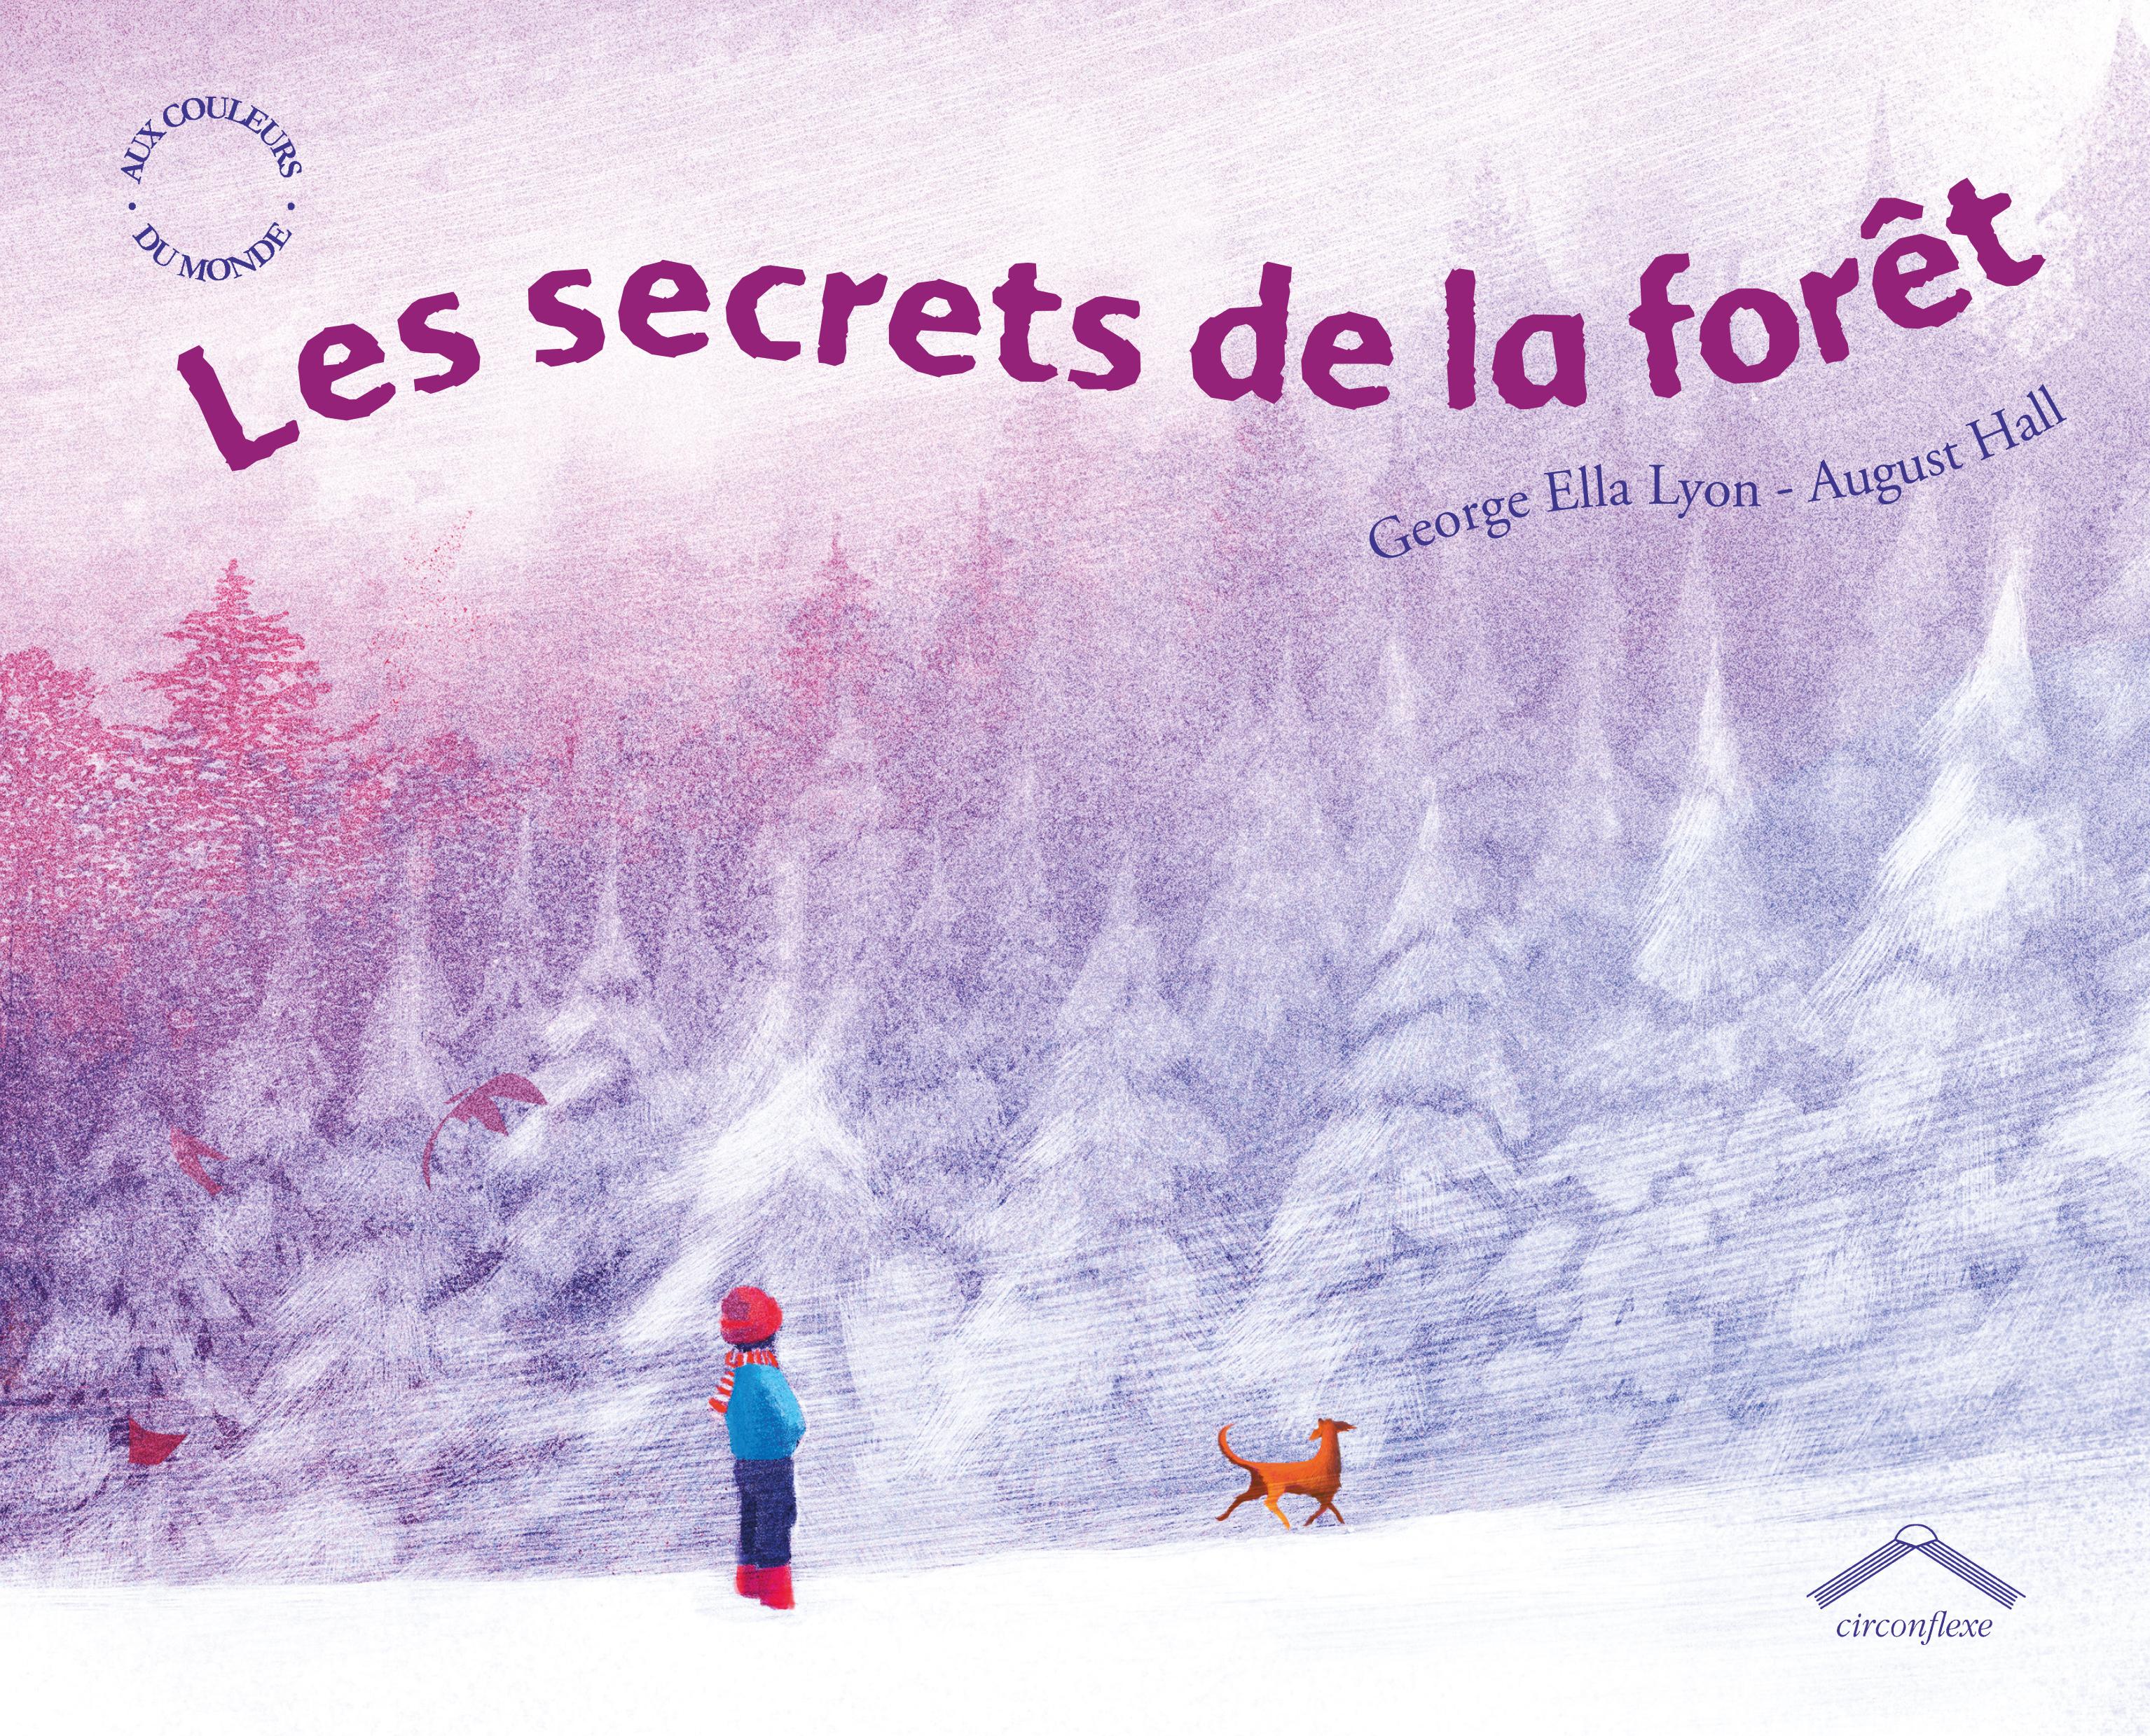 SECRETS DE LA FORET (LES)